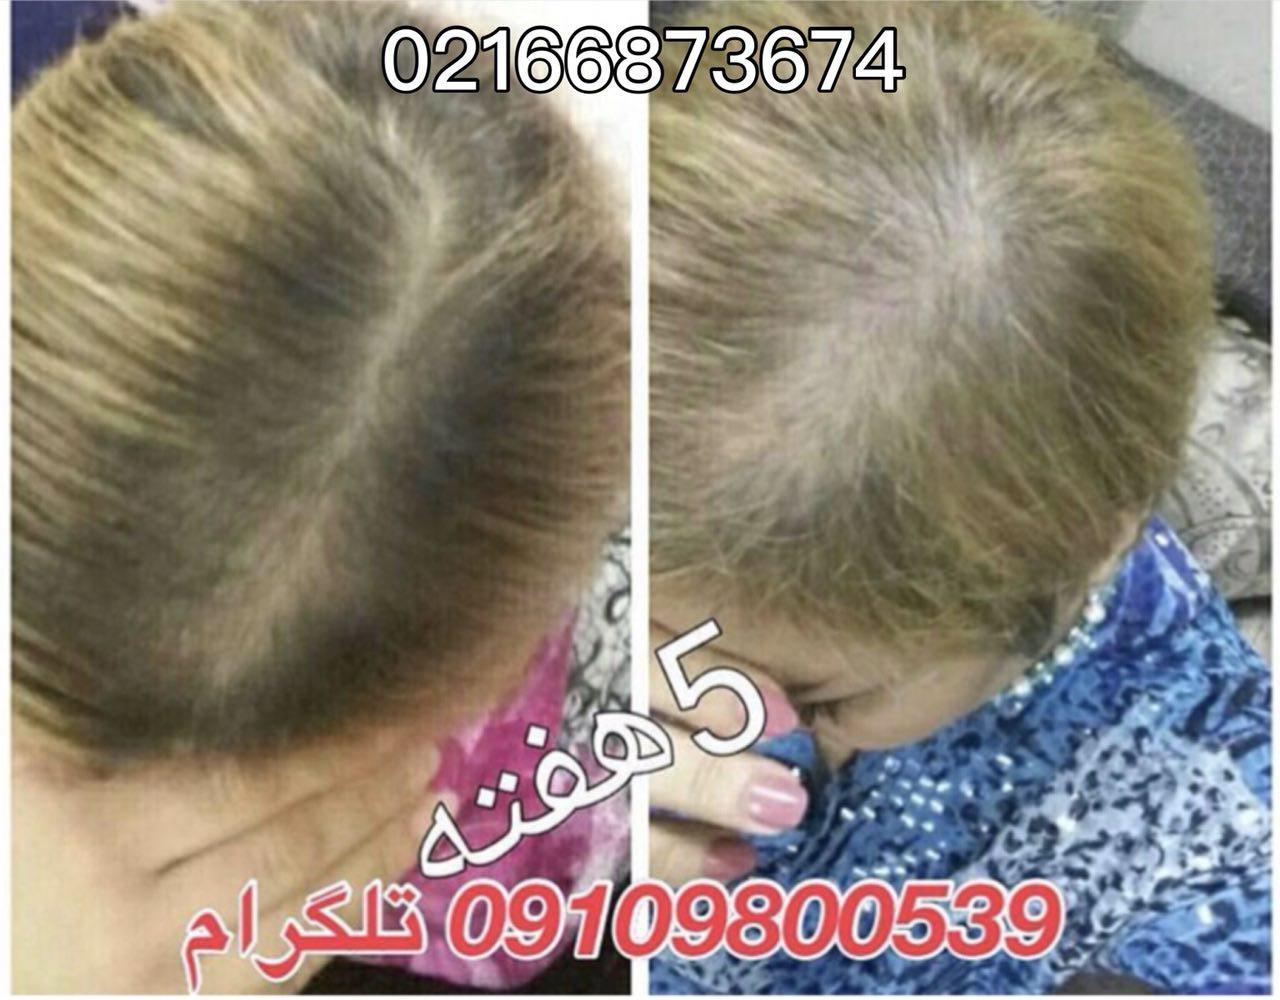 راه های تقویت موی خود را بشناسید